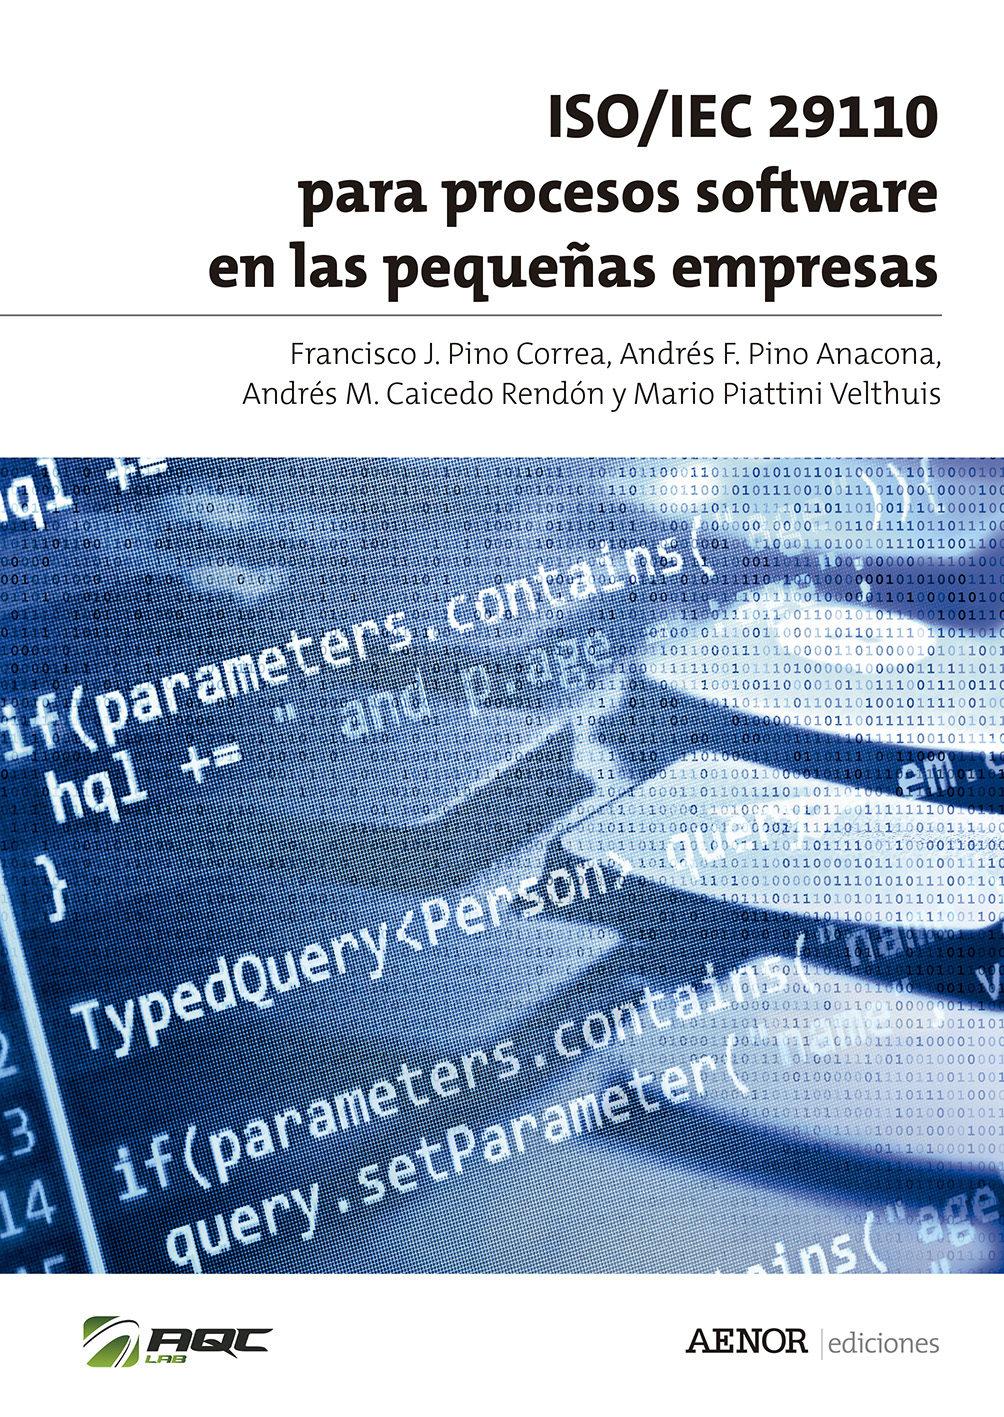 ISO:IEC 29110 para procesos software en las empresas